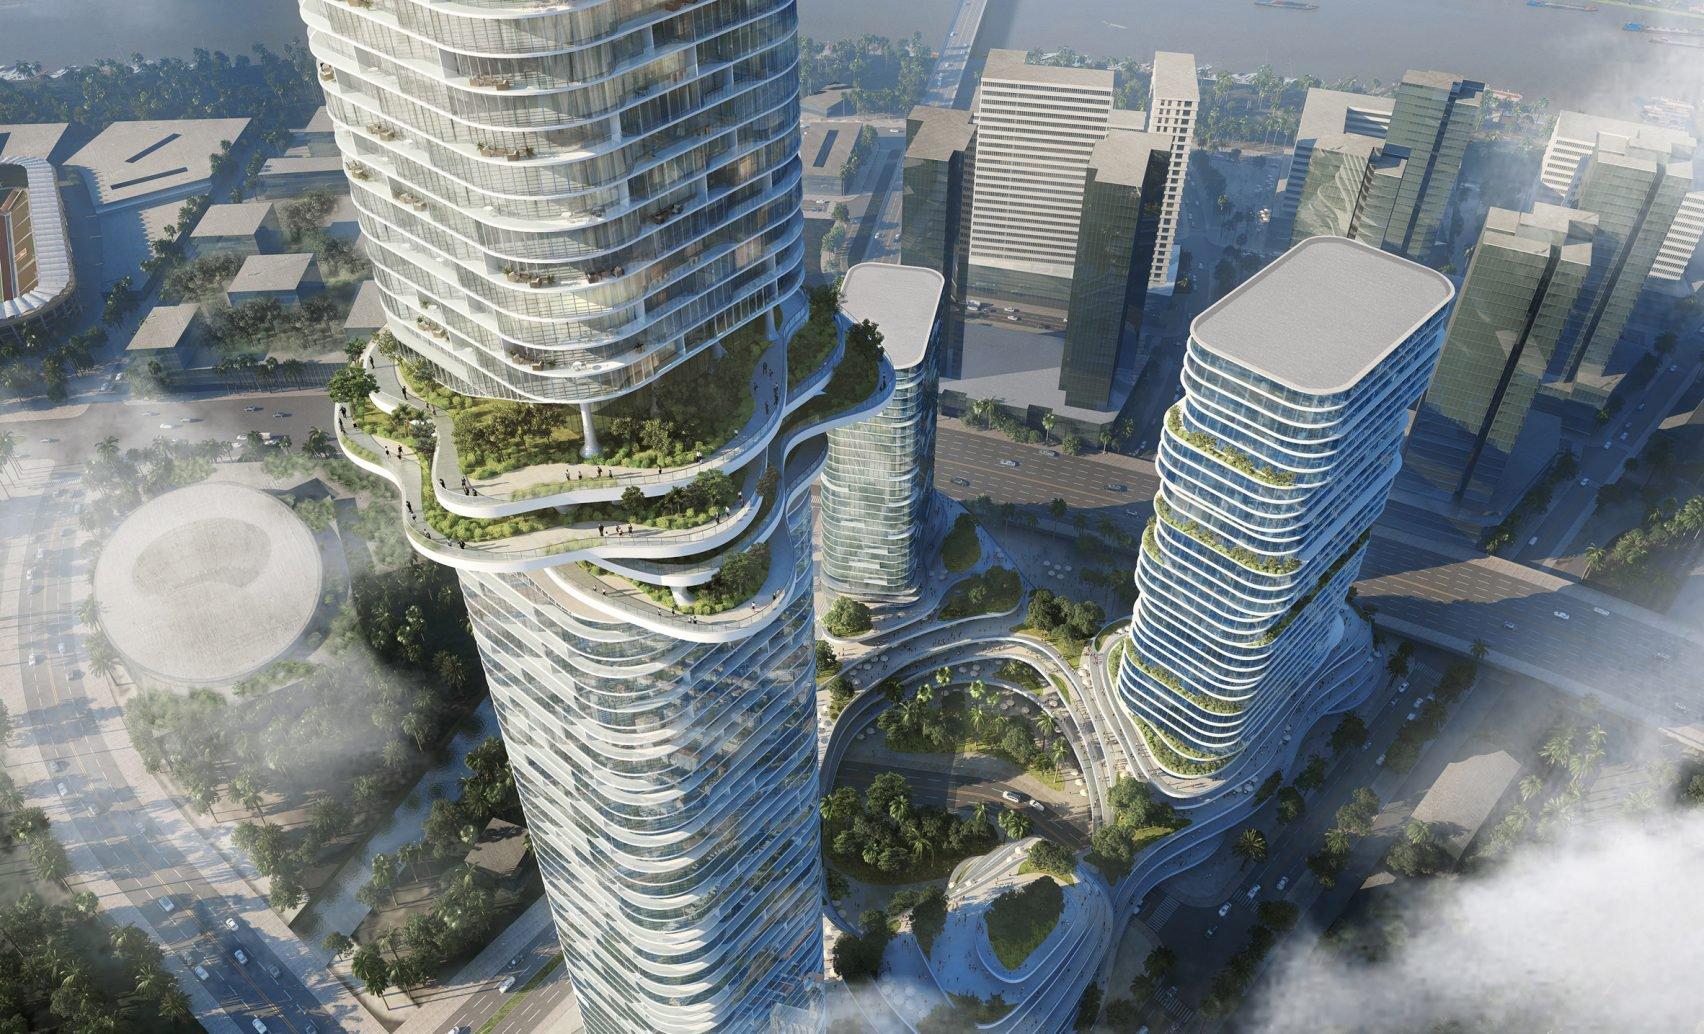 empire-city-ole-scheeren-ho-chi-min-vietnam-news-architecture_dezeen_2364_col_2-1704x1034.jpg